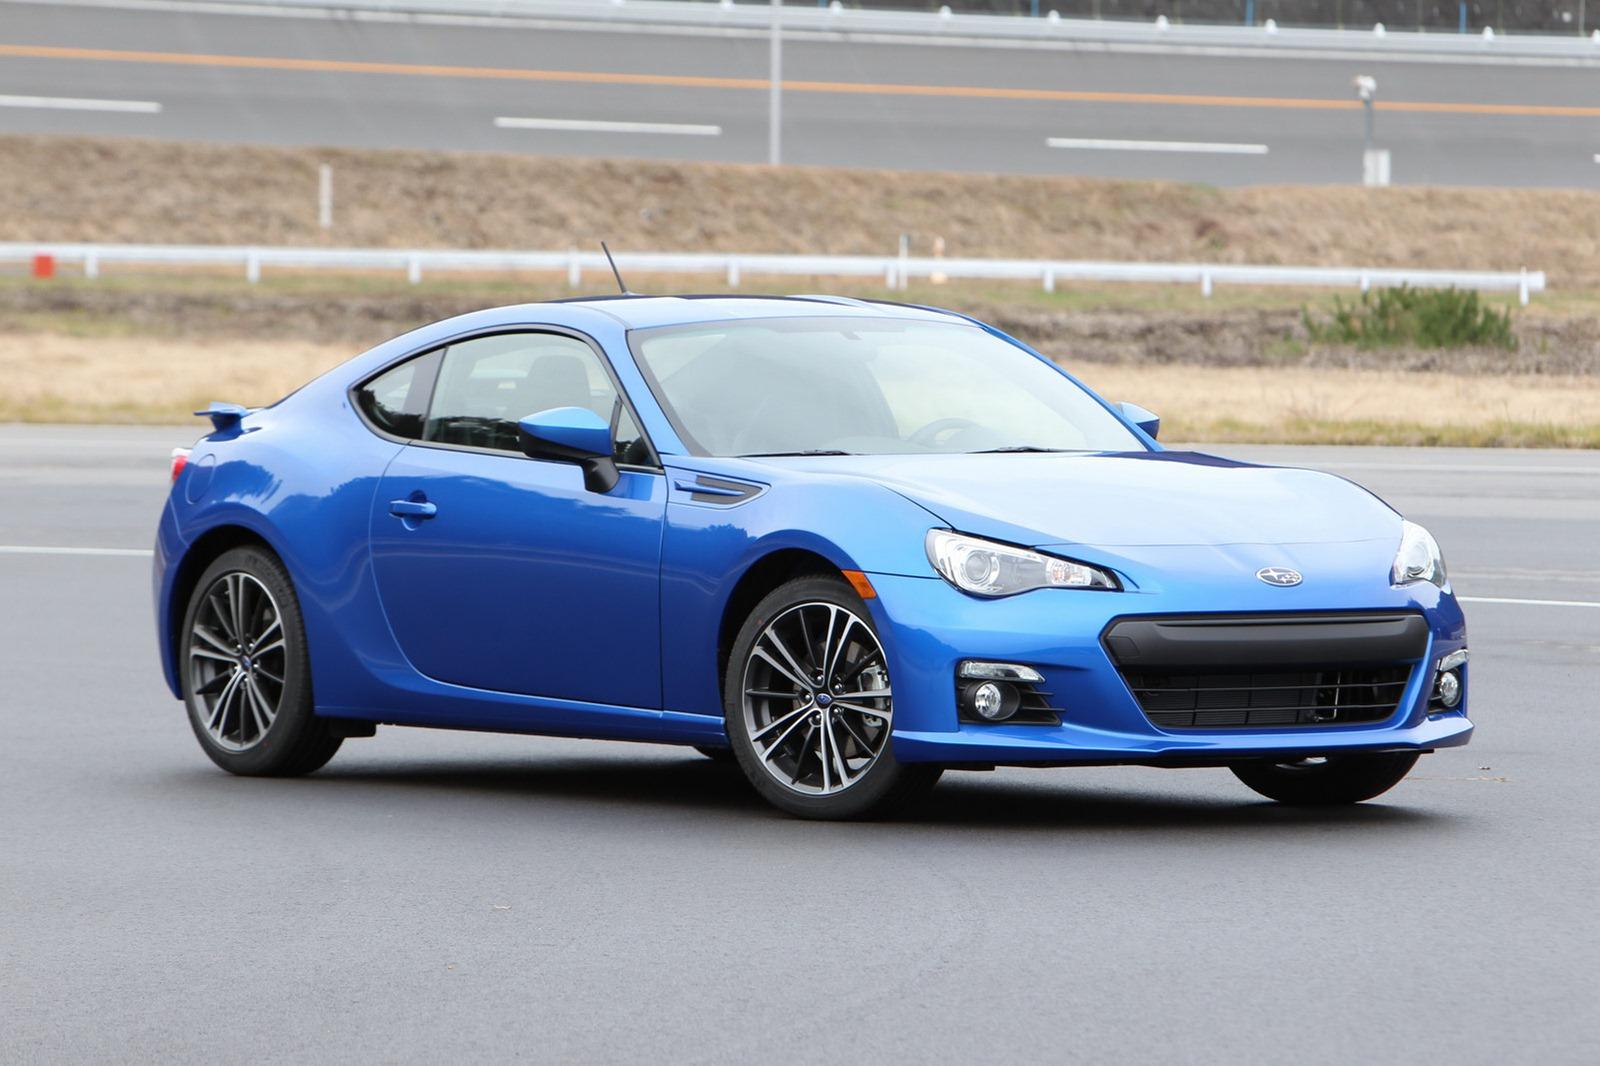 2013-Subaru-BRZ-Coupe-9.jpg?imgmax=1800